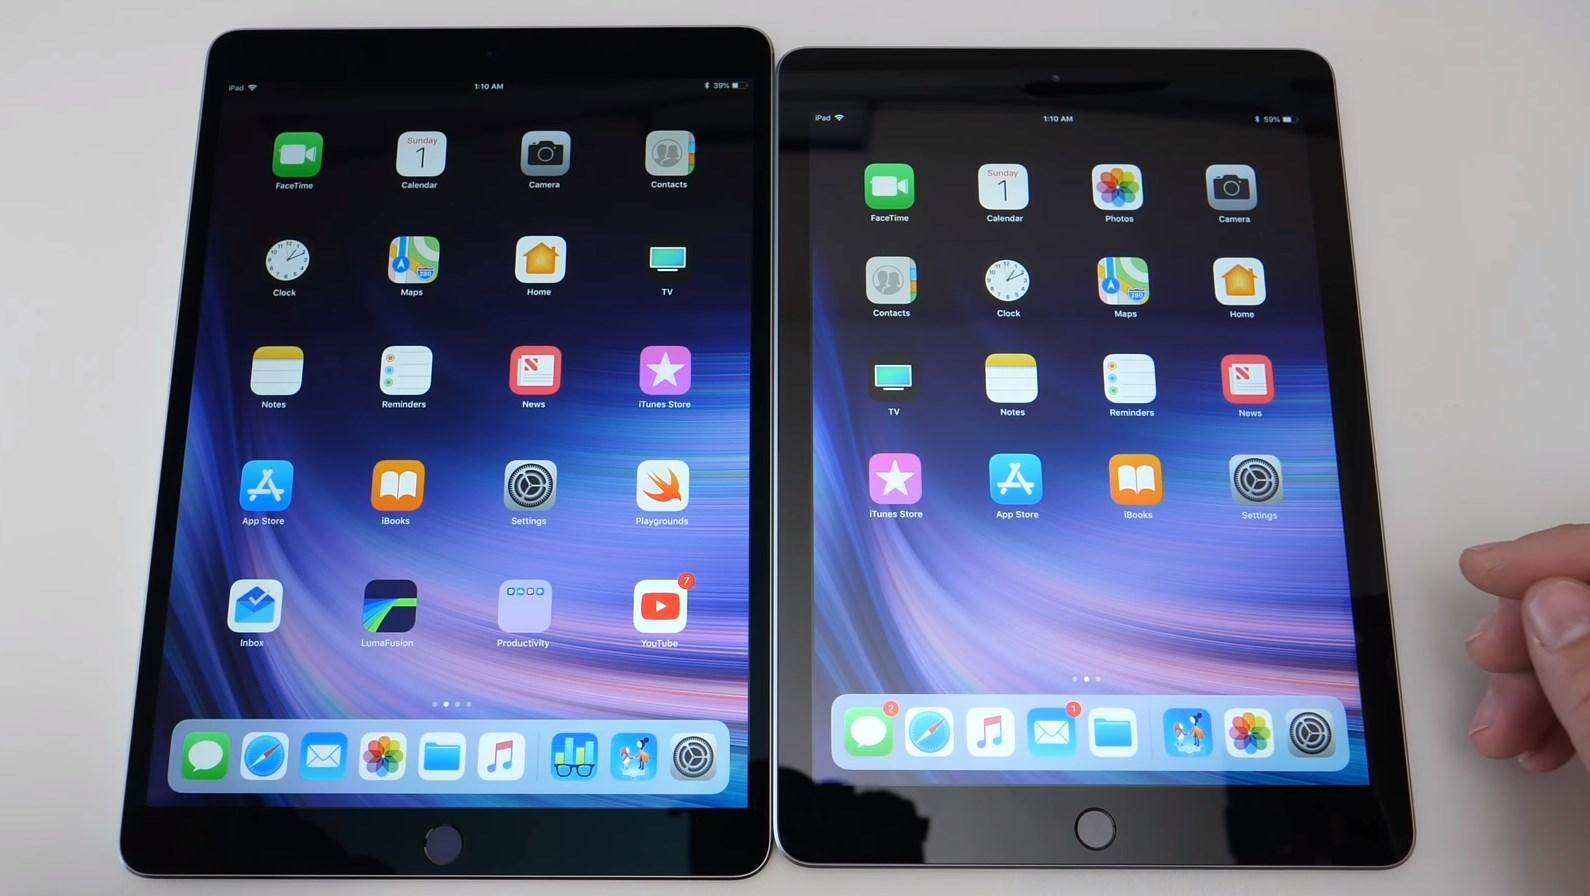 Apple Pencil : faut-il utiliser le stylet sur l'iPad 6 ou l'iPad Pro ?